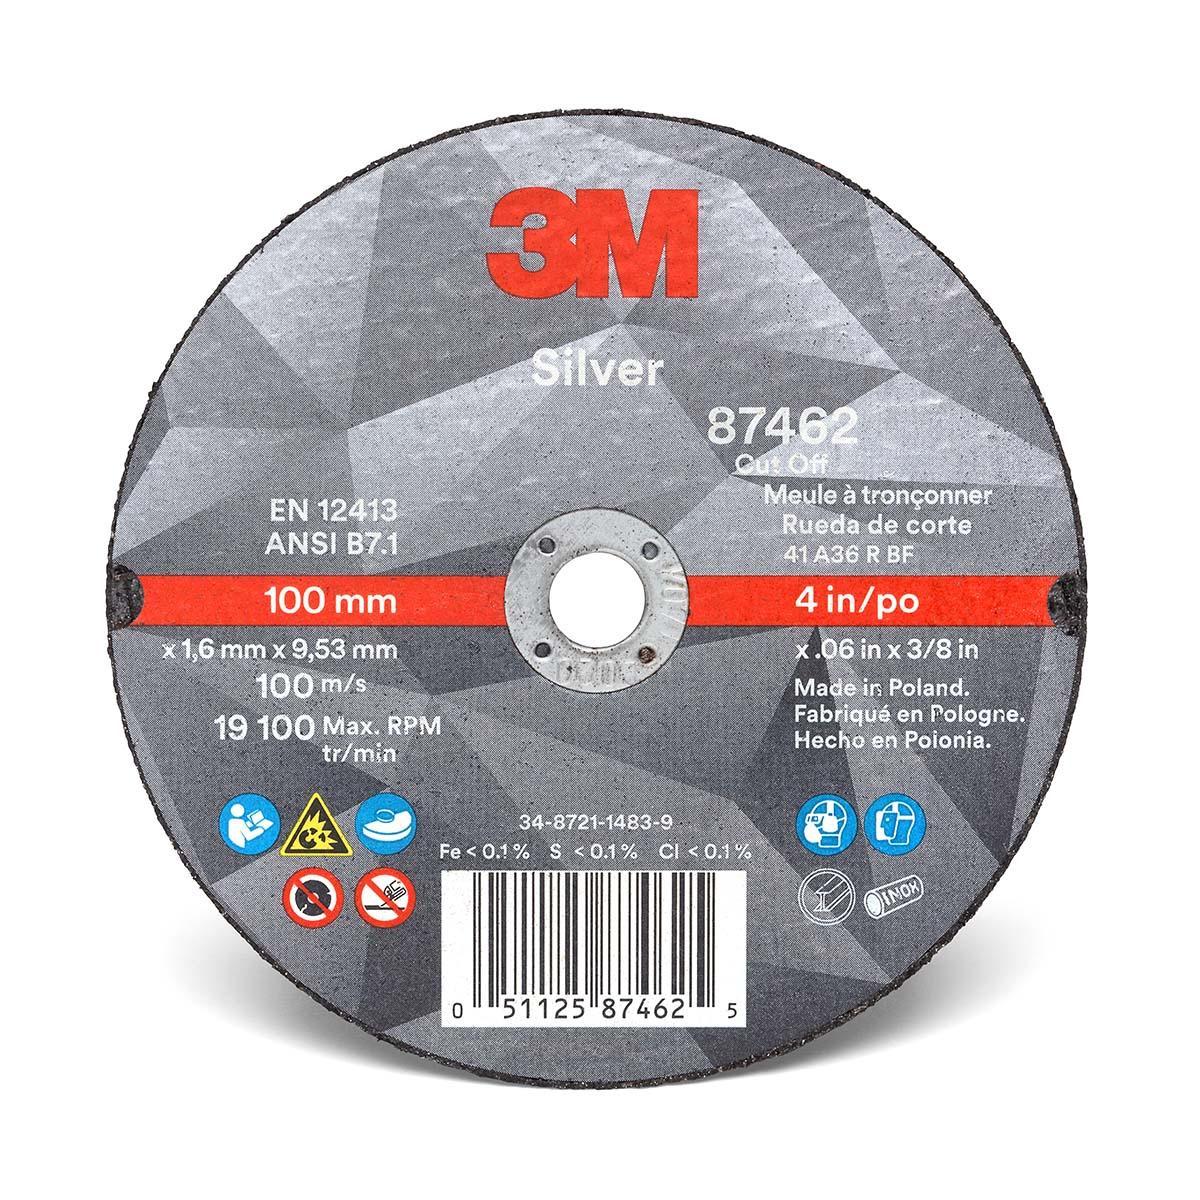 """3Mâ""""¢ Silver Cut-Off Wheel 87462, T1, 4 in x .060 in x 3/8 in, 25 per inner 5"""